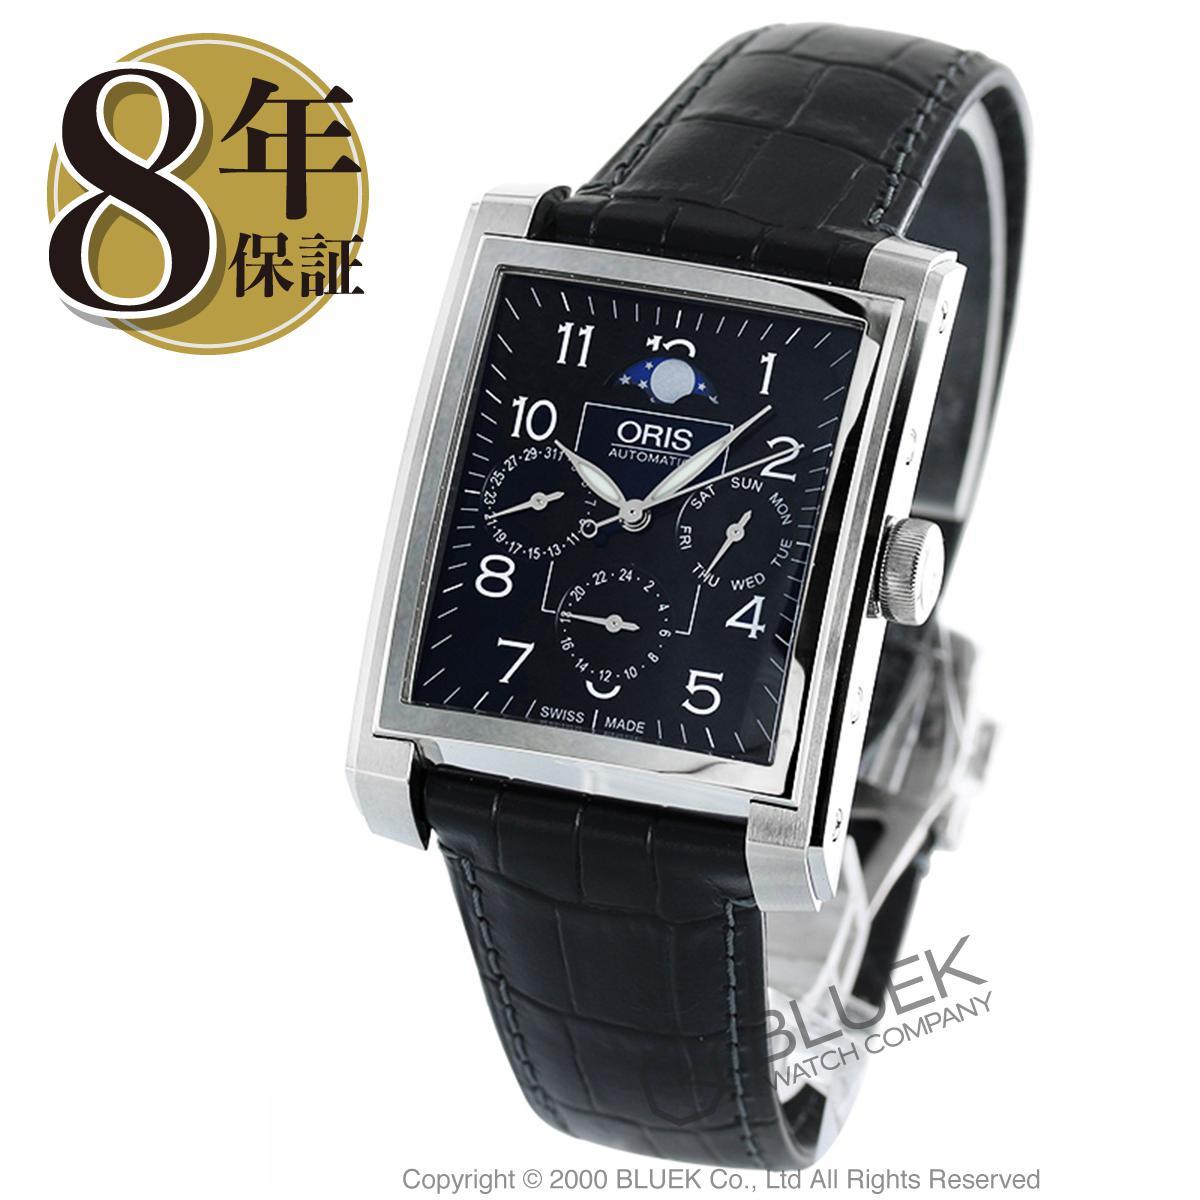 オリス ORIS 腕時計 レクタンギュラー コンプリケーション メンズ 582 7658 4034D_8